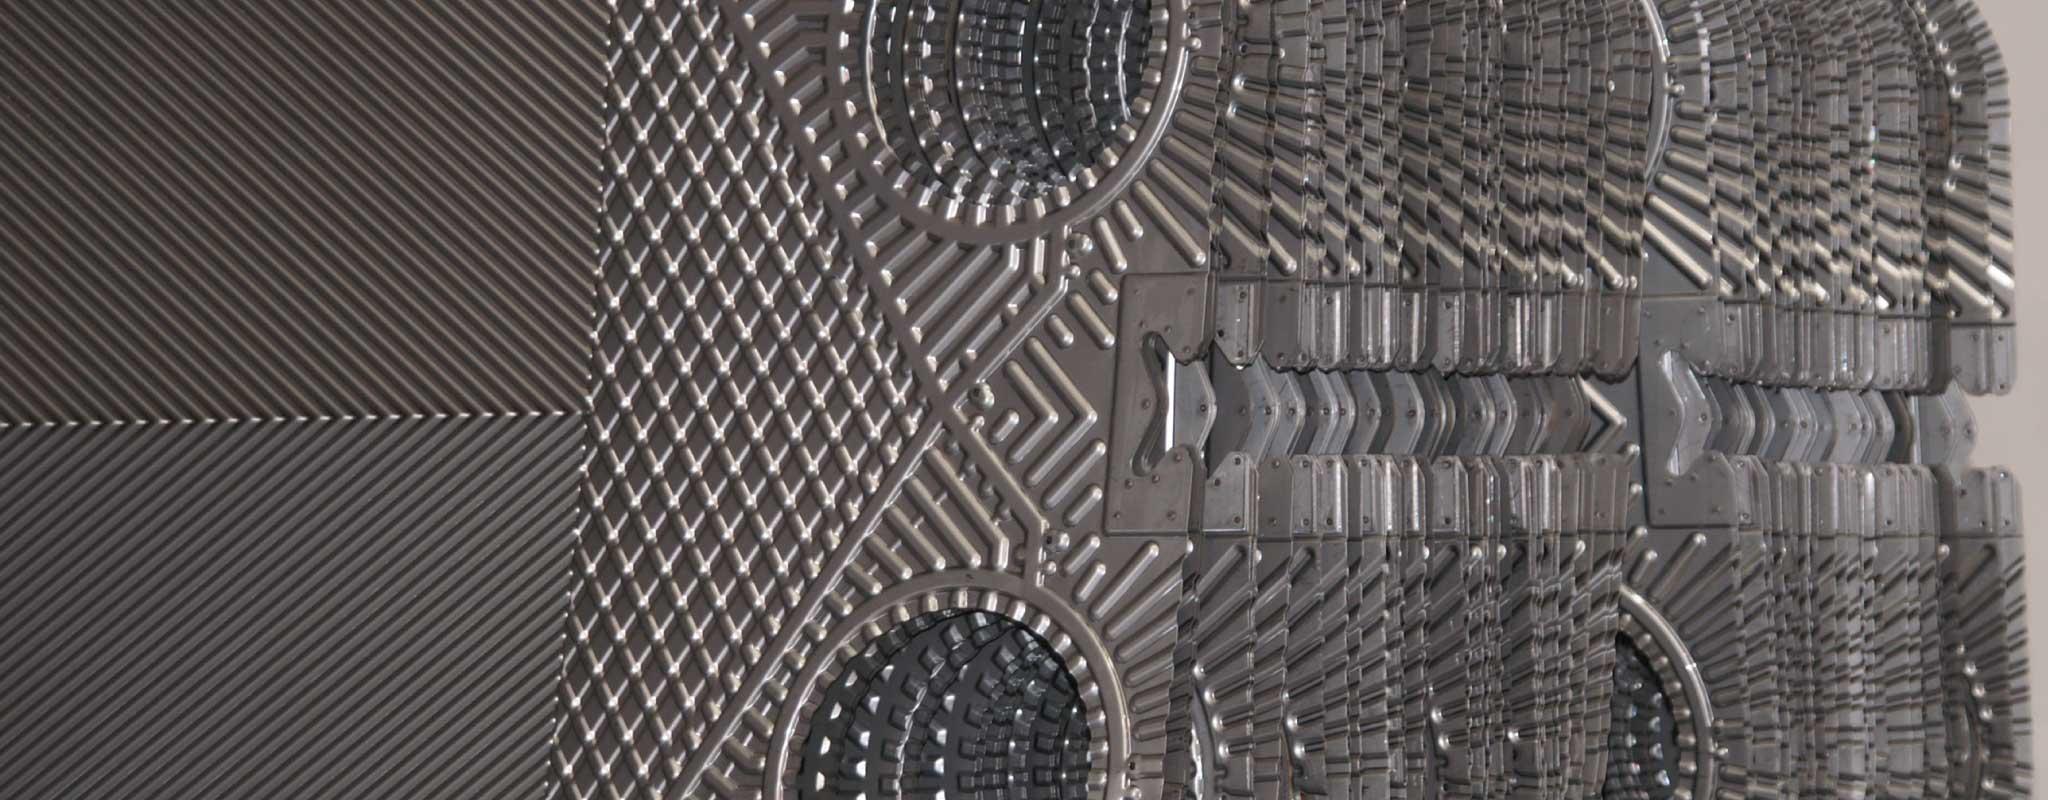 Plate heat exchanger services // BUCHEN UmweltService GmbH